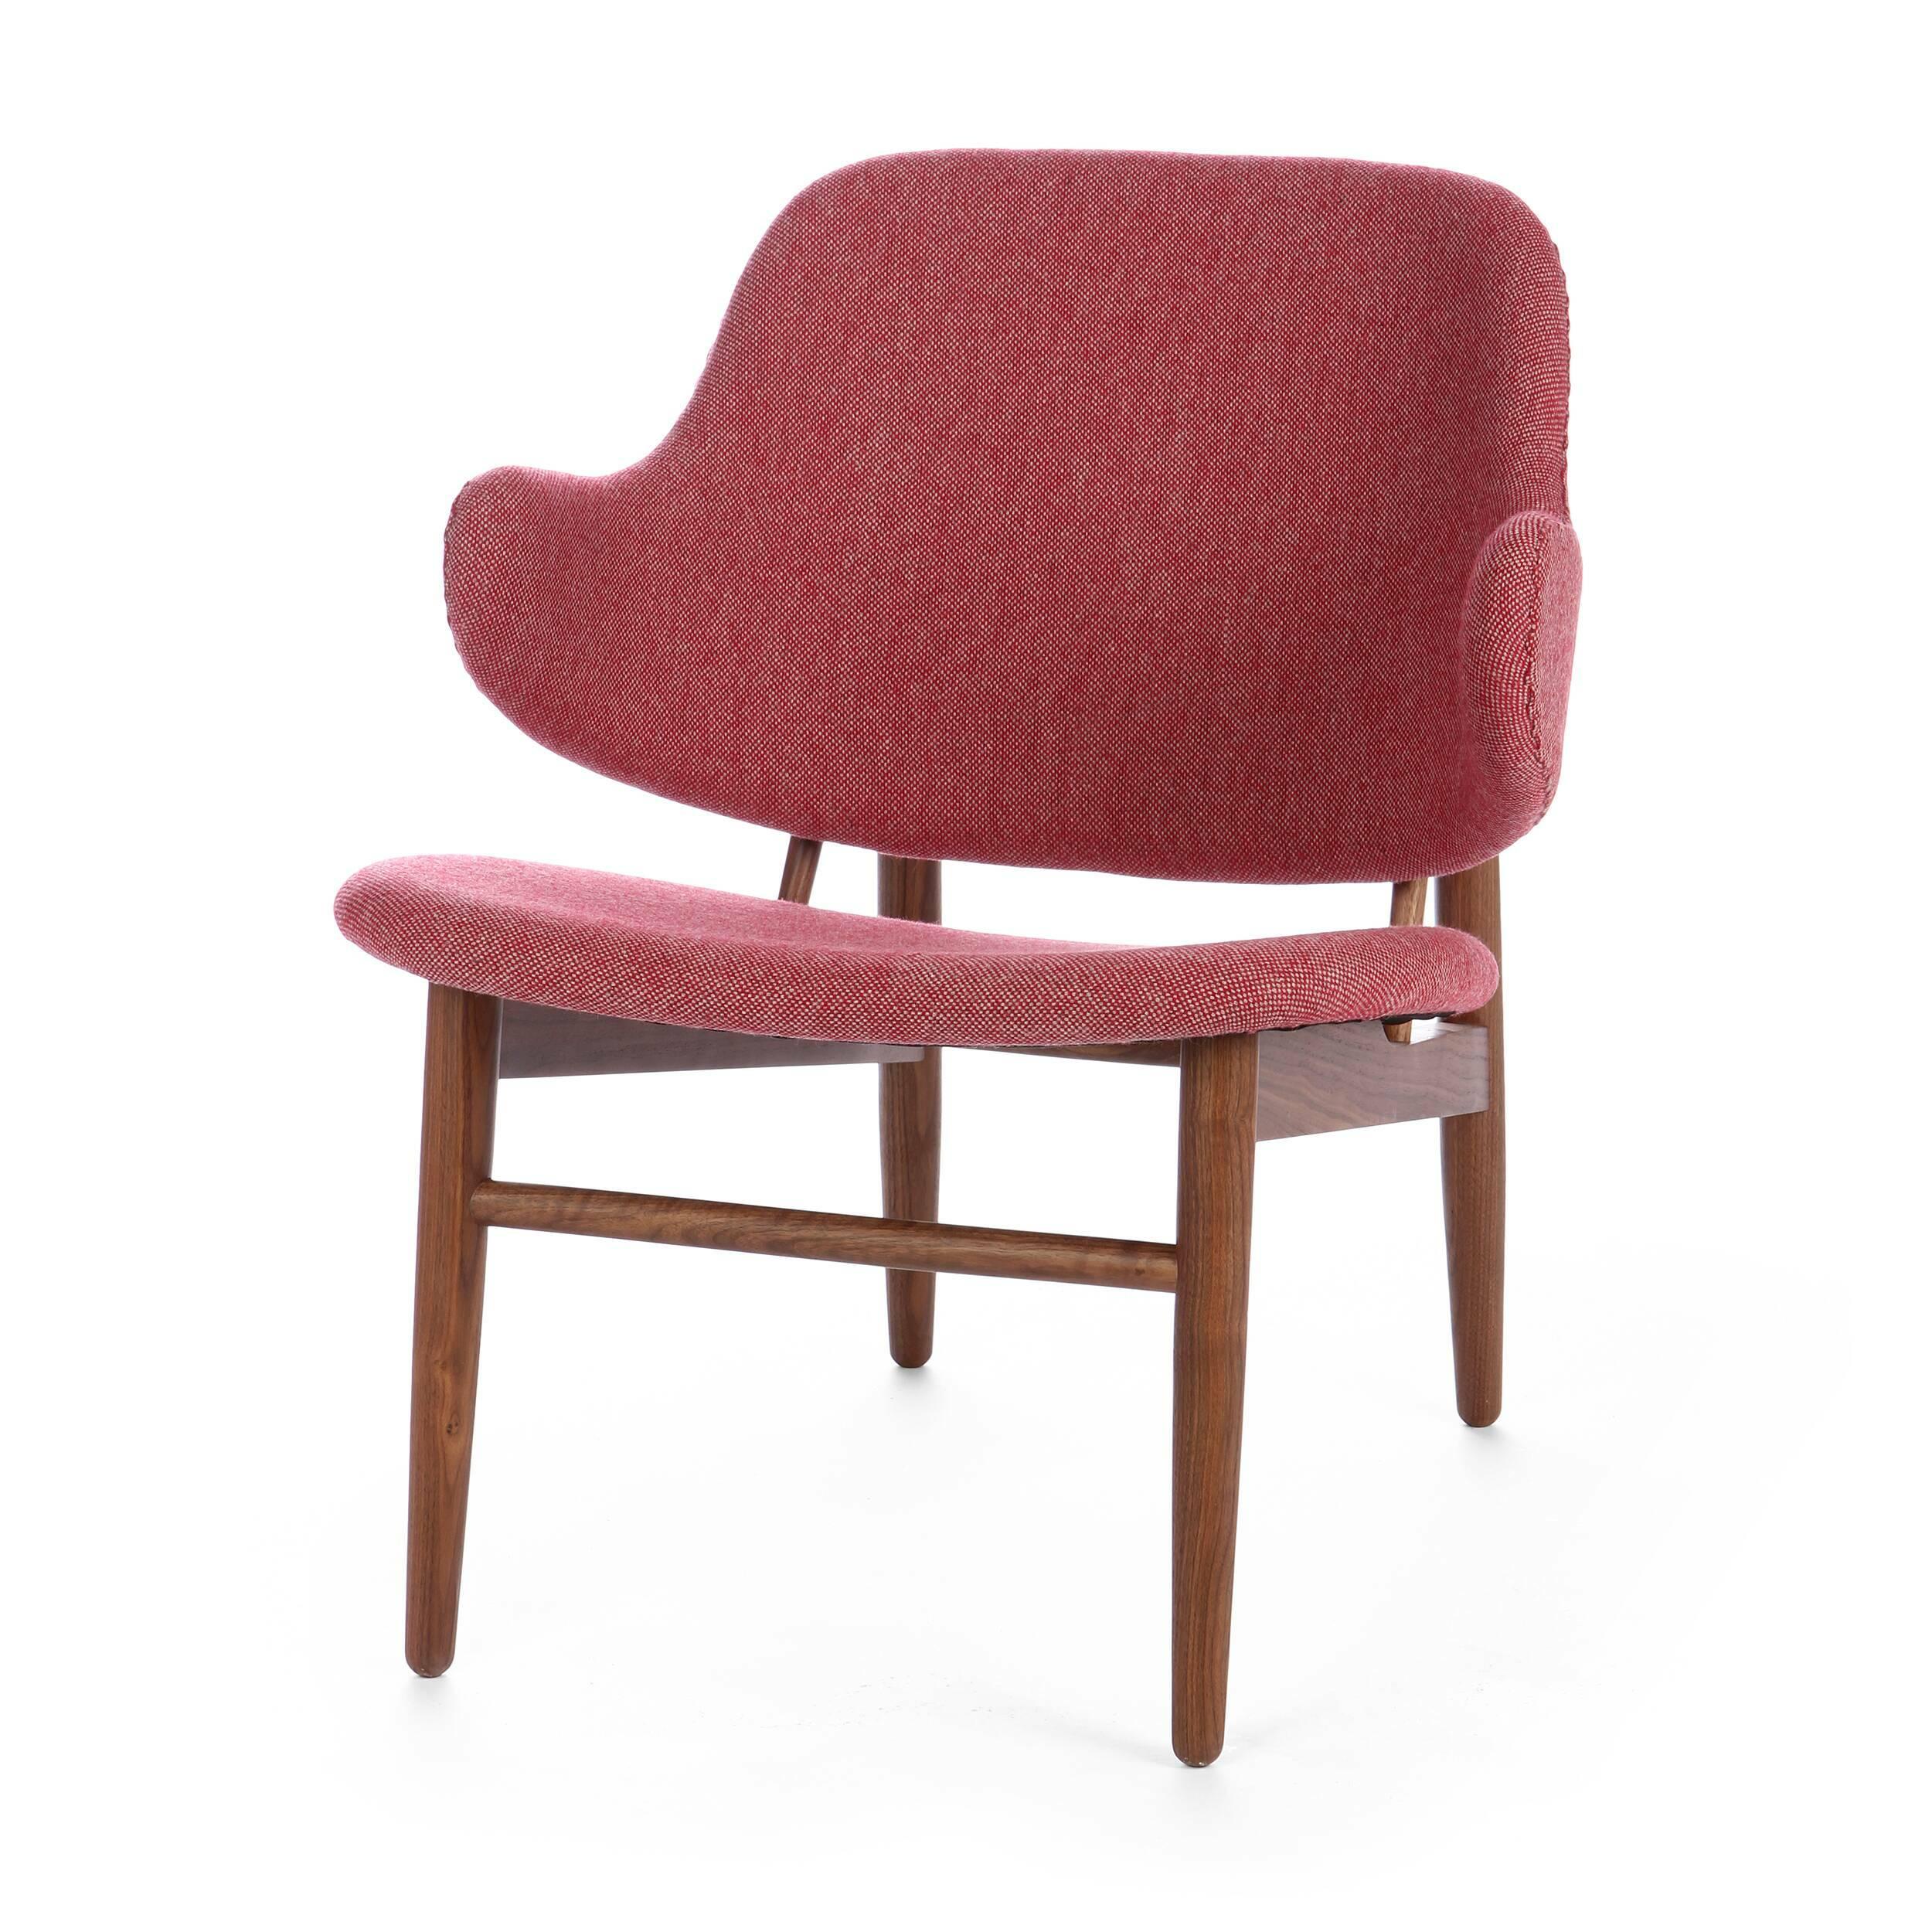 Кресло KofodИнтерьерные<br>Дизайнерское легкое яркое кресло Kofod (Кофод) с широкой спинкой без подлокотников от Cosmo (Космо).<br><br><br> В пятидесятые-шестидесятые годы творения датского архитектора и дизайнера Иба Кофод-Ларсена незаслуженно игнорировались и не пользовались успехом в его родной Скандинавии. Возможно, шведы (а он работал именно на этом рынке) сочли его мебель слишком уж лаконичной и минималистичной, но сегодня на волне моды на скандинавский дизайн с его простотой и утилитарностью сложно представить себе...<br><br>stock: 0<br>Высота: 76,5<br>Высота сиденья: 40<br>Ширина: 66<br>Глубина: 67,5<br>Цвет ножек: Орех американский<br>Материал ножек: Массив ореха<br>Материал обивки: Шерсть, Нейлон<br>Коллекция ткани: B Fabric<br>Тип материала обивки: Ткань<br>Тип материала ножек: Дерево<br>Цвет обивки: Бежево-вишневая